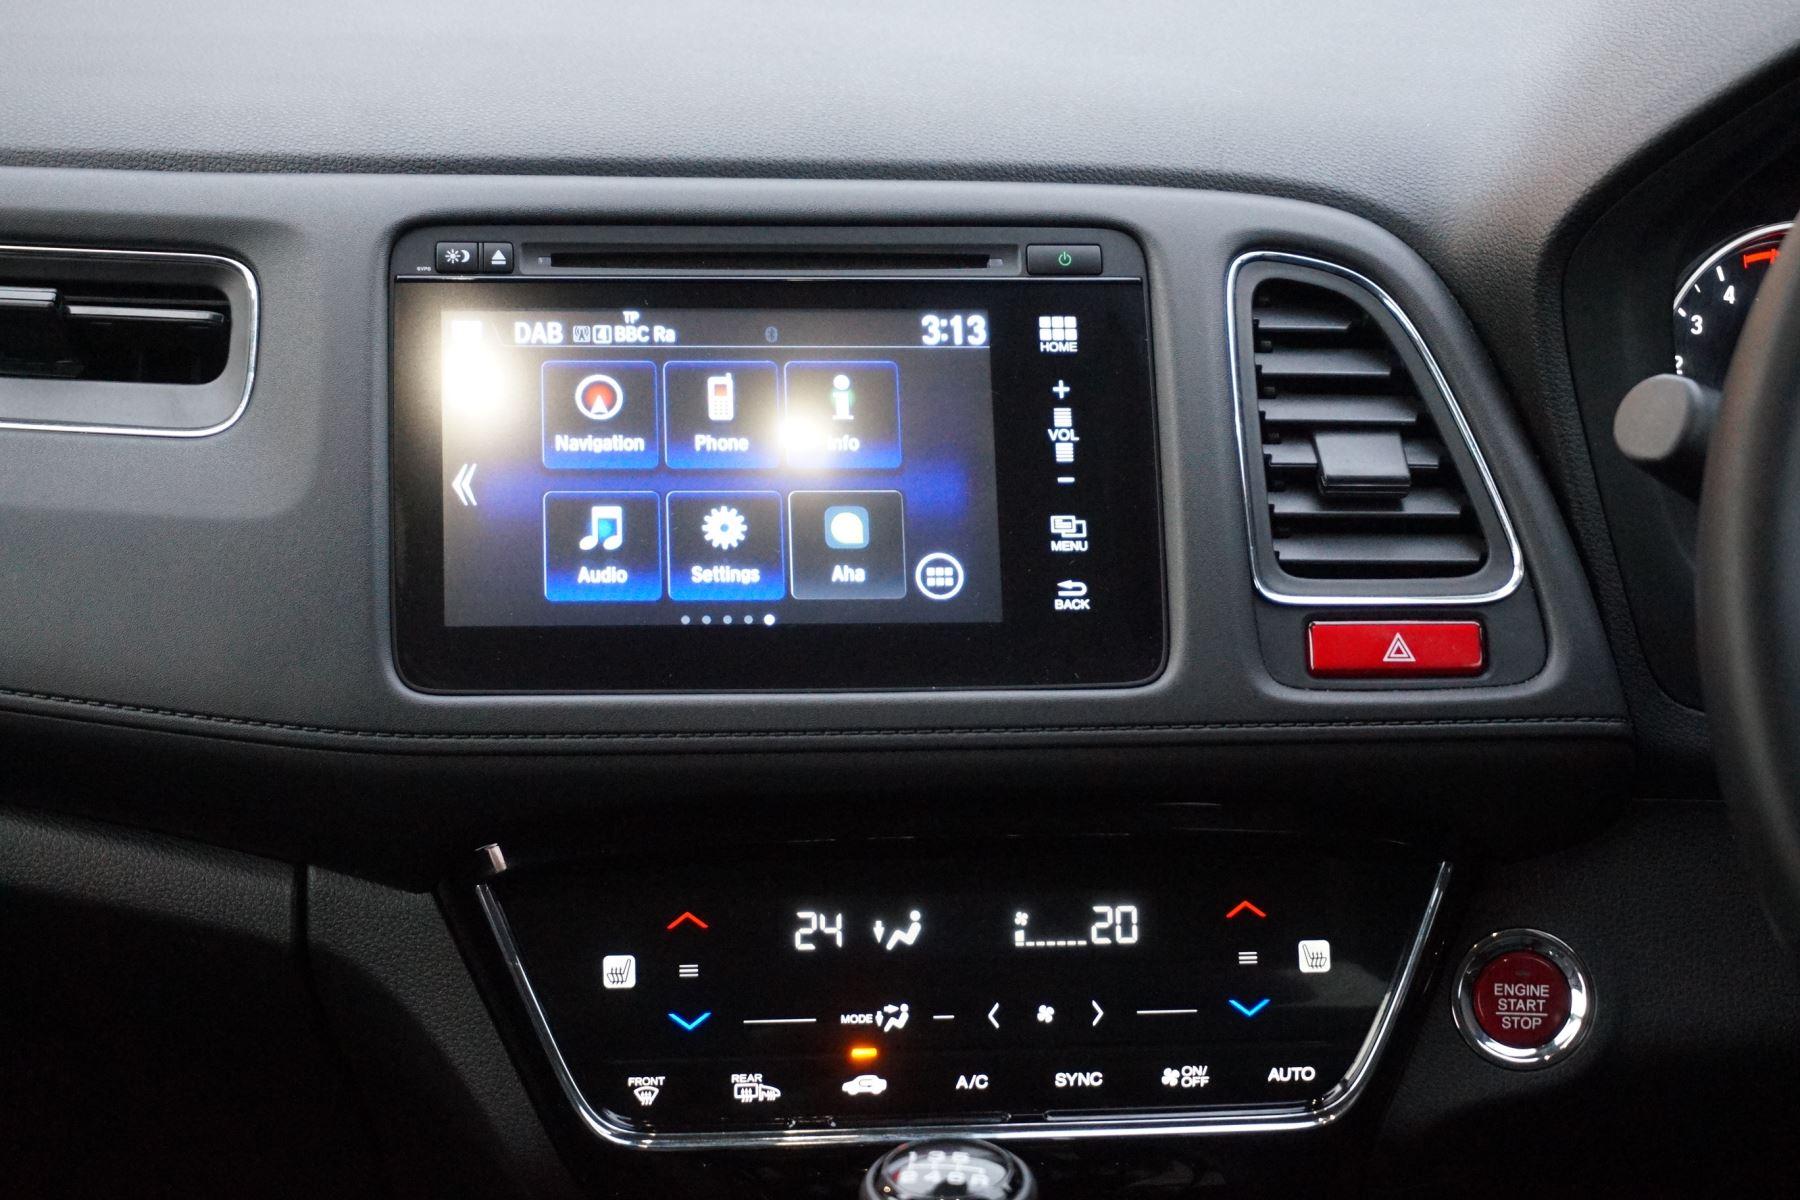 Honda HR-V 1.6 i-DTEC EX 5dr image 11